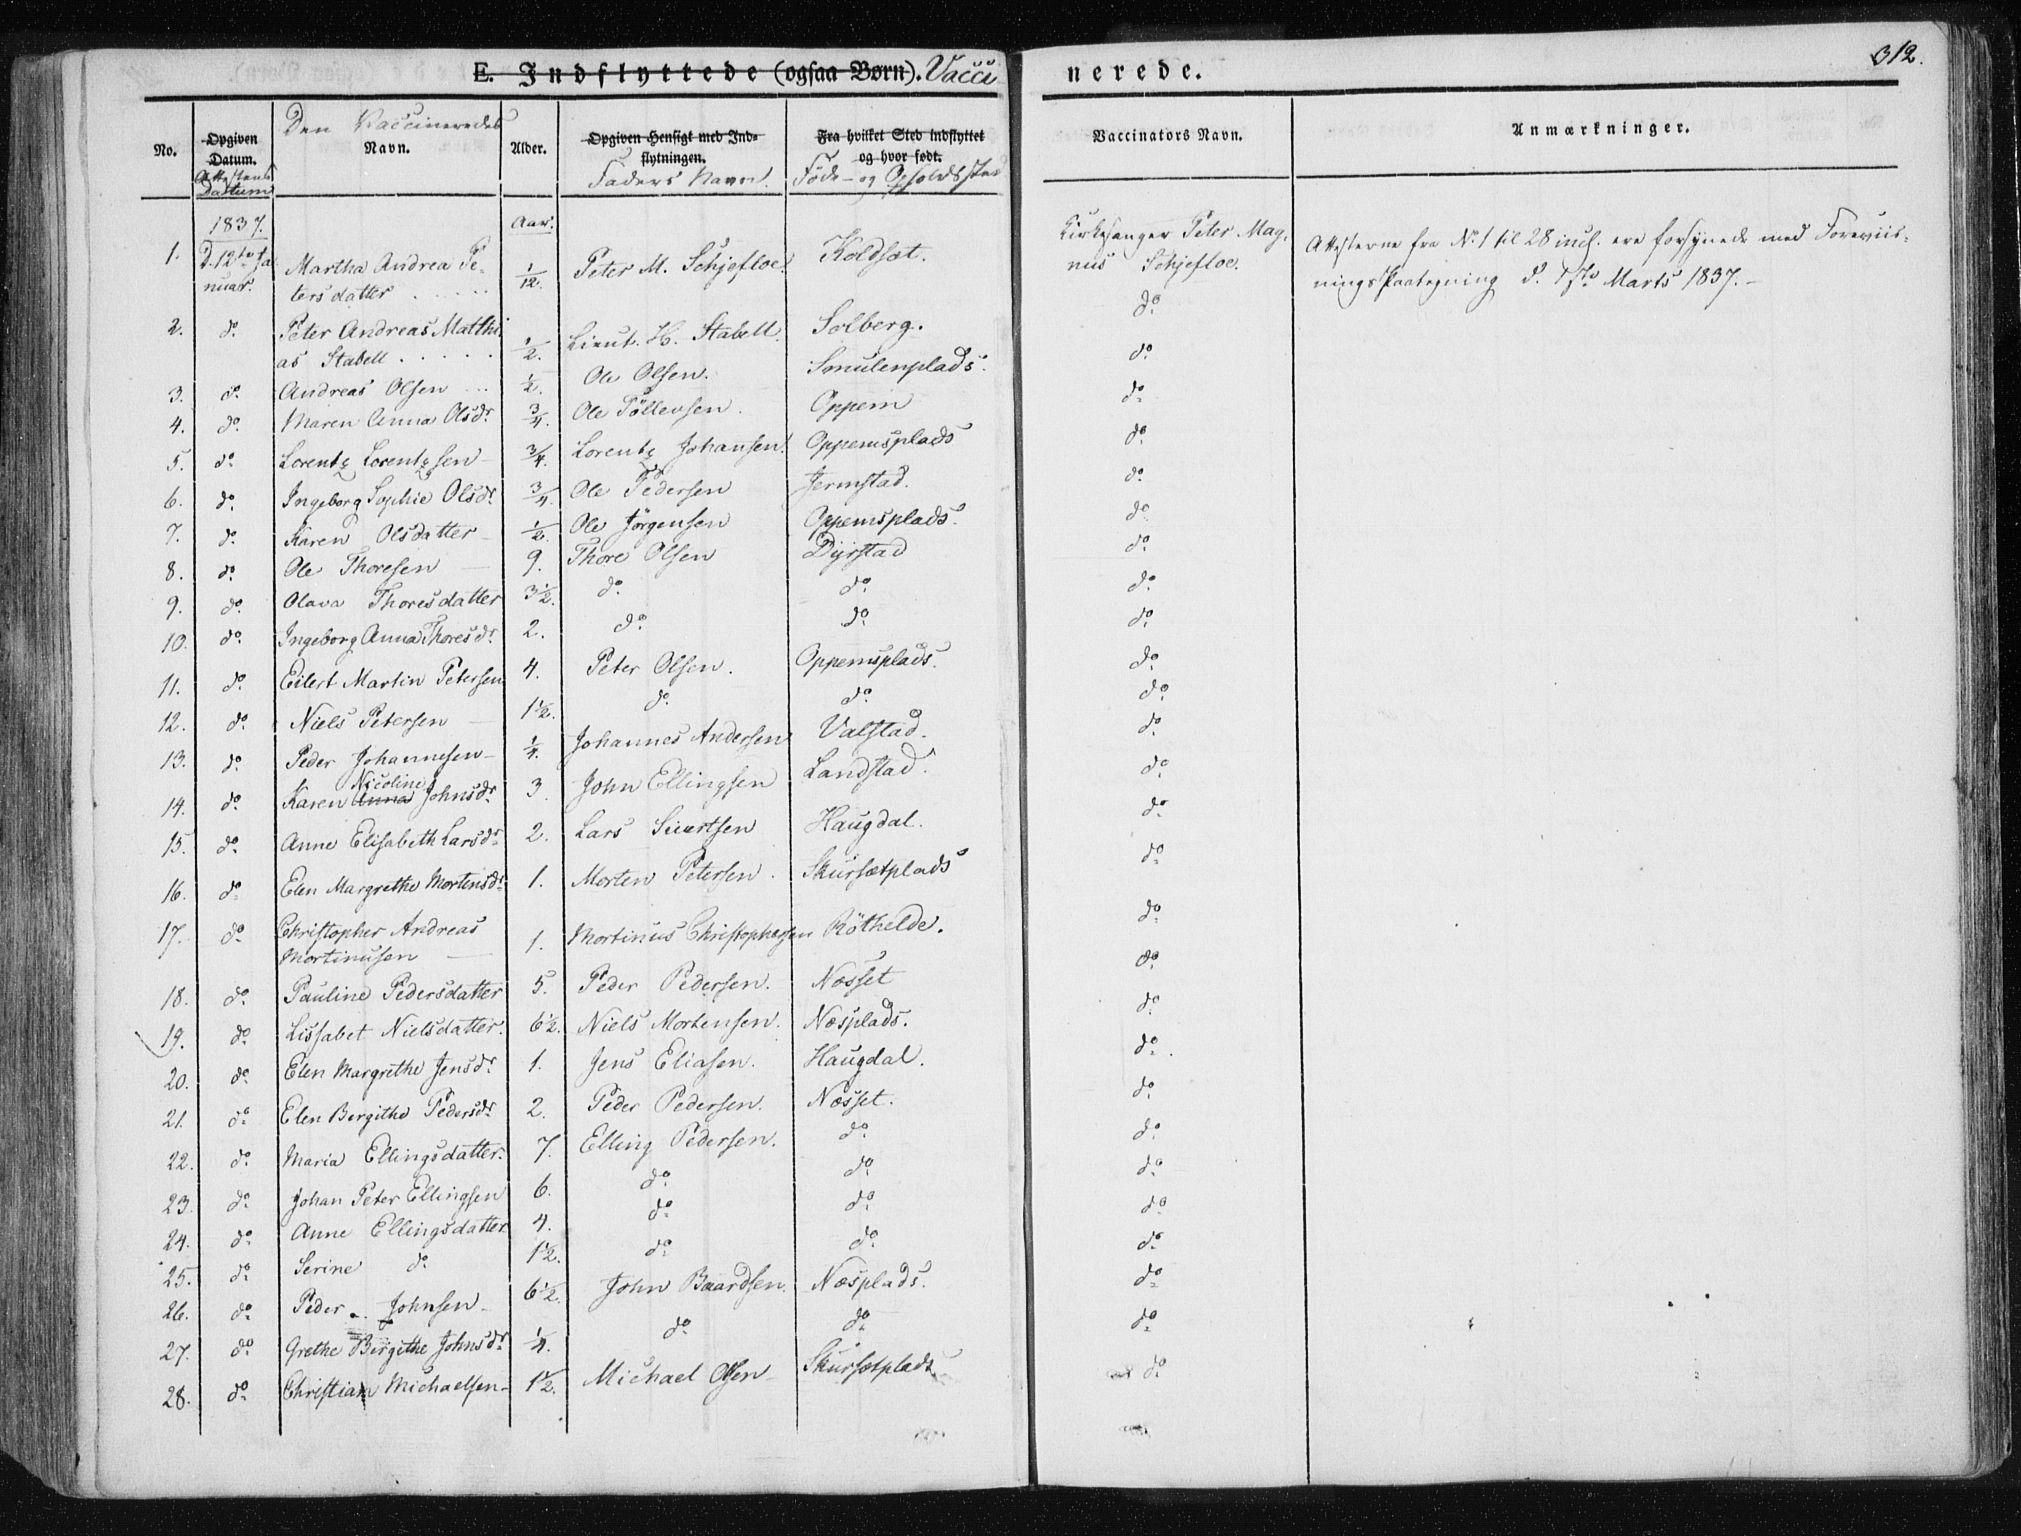 SAT, Ministerialprotokoller, klokkerbøker og fødselsregistre - Nord-Trøndelag, 735/L0339: Ministerialbok nr. 735A06 /1, 1836-1848, s. 312